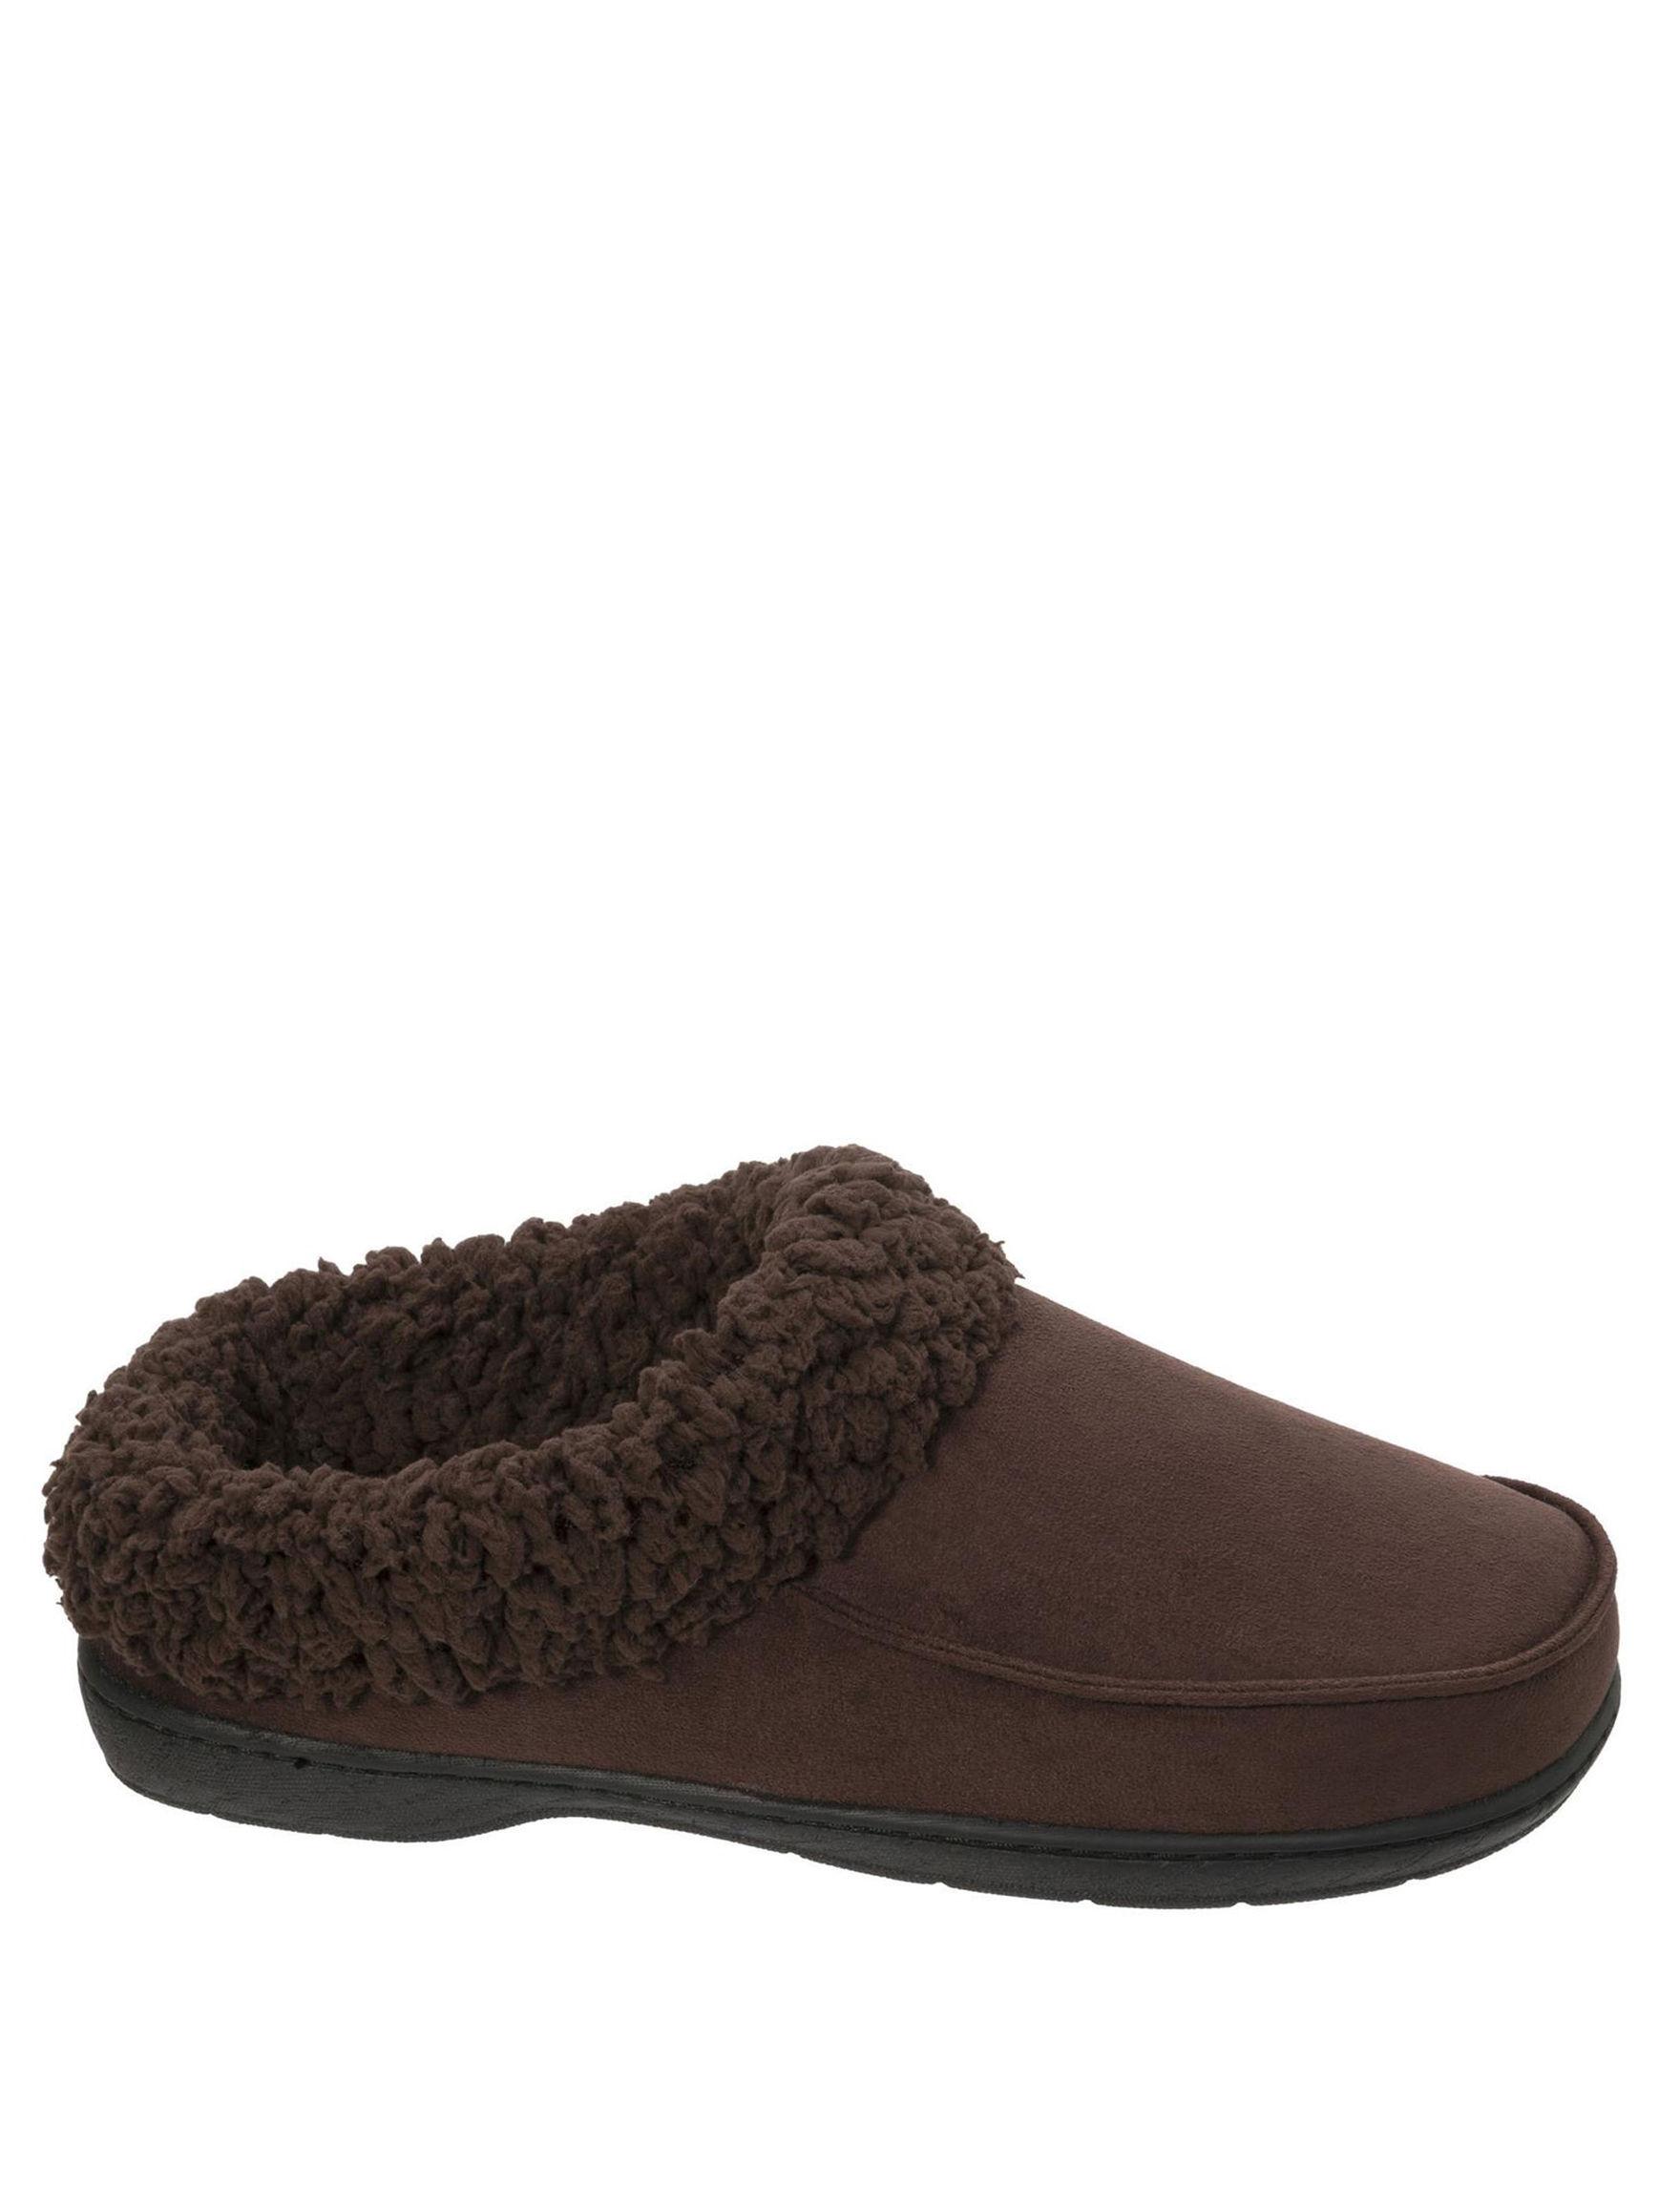 Dearfoams Espresso Slipper Shoes